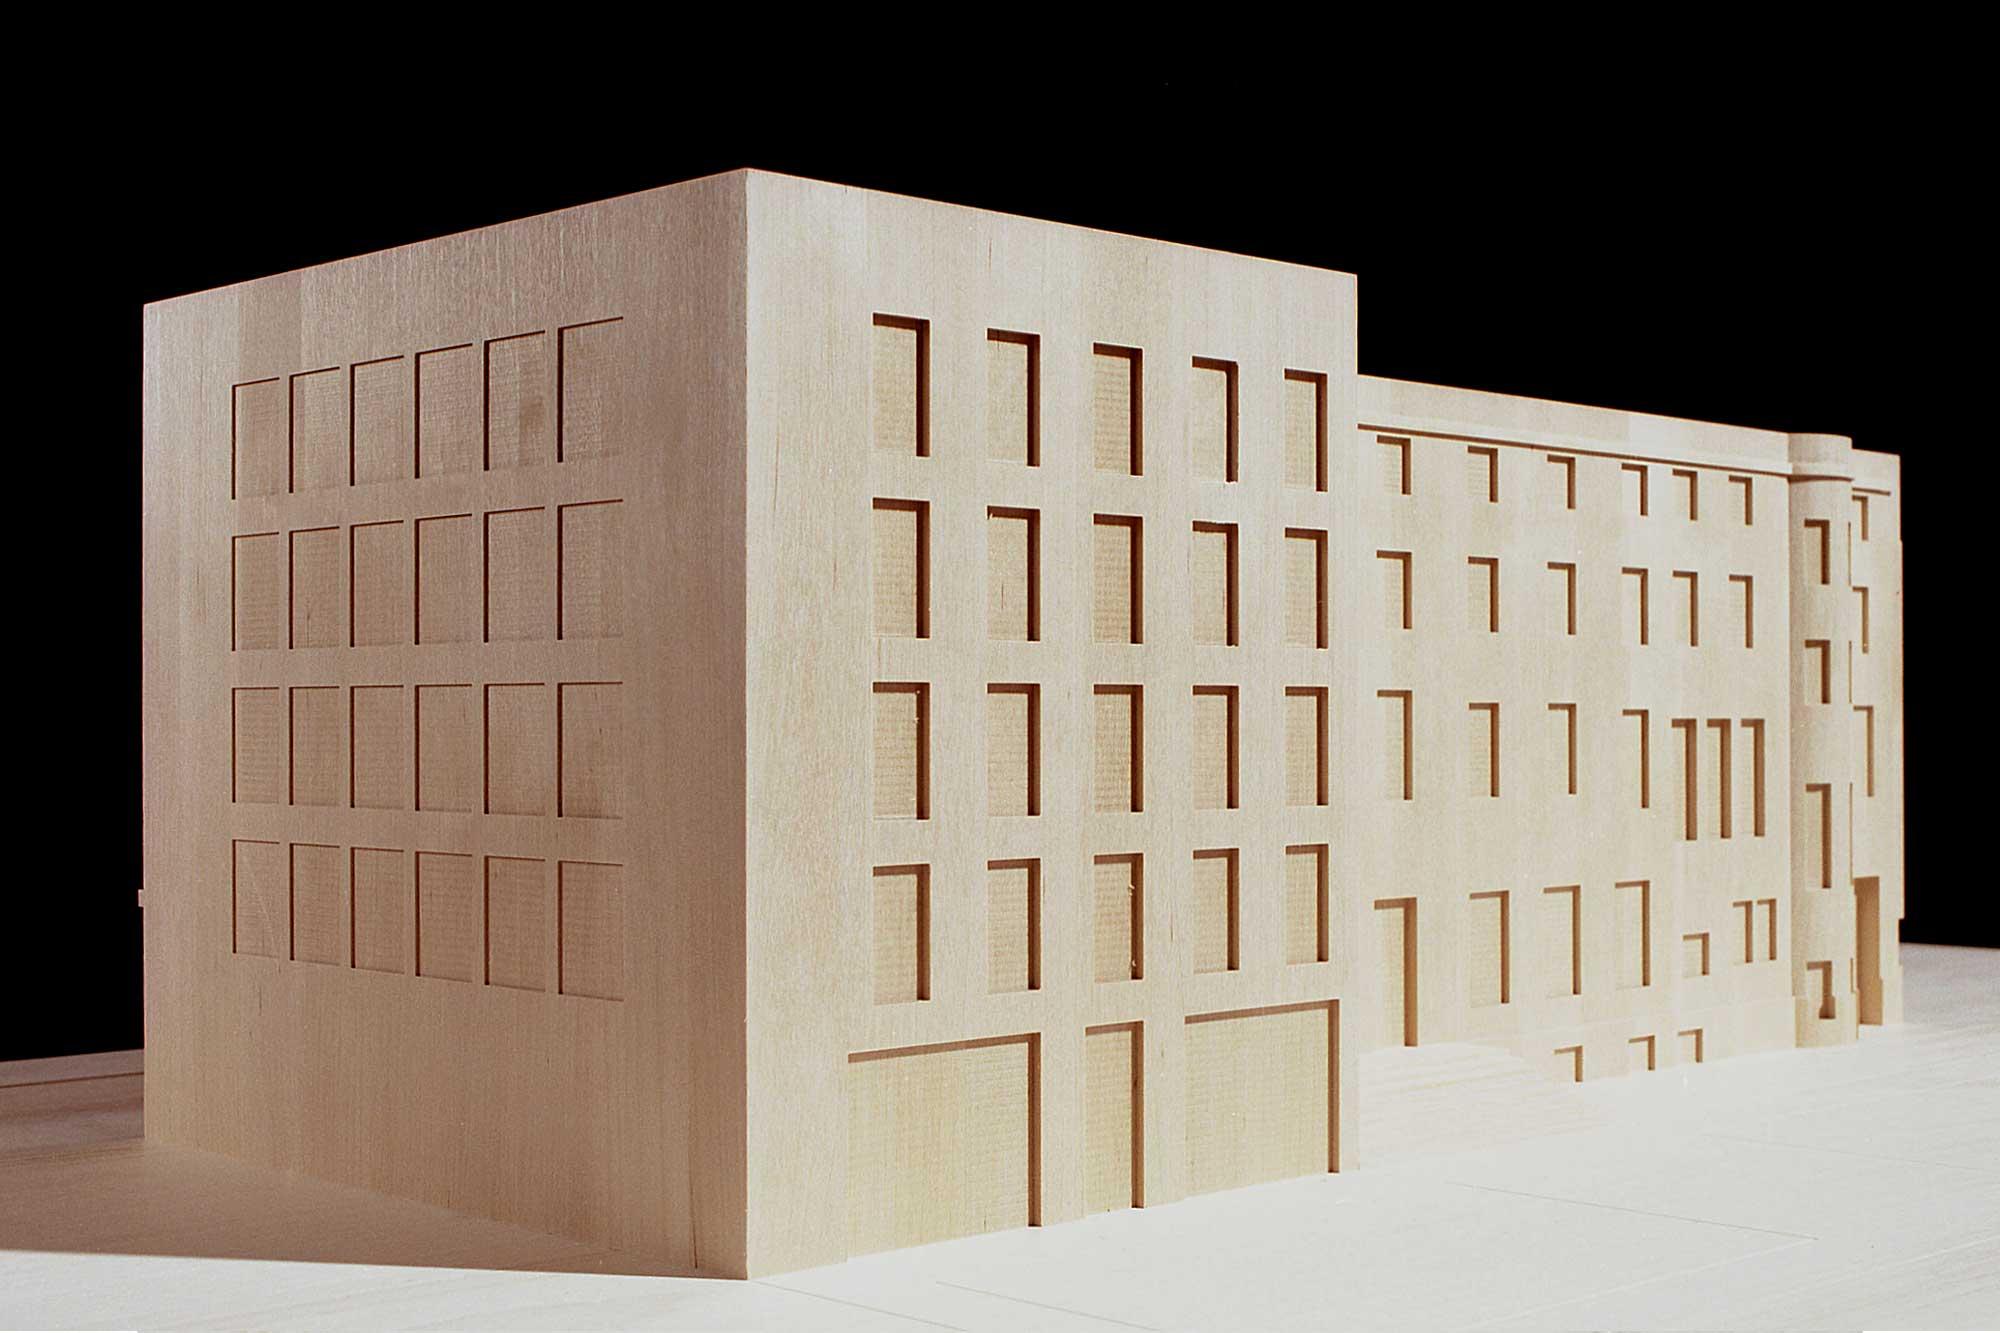 Rückseite des Modells der Schweizer Botschaft Berlin